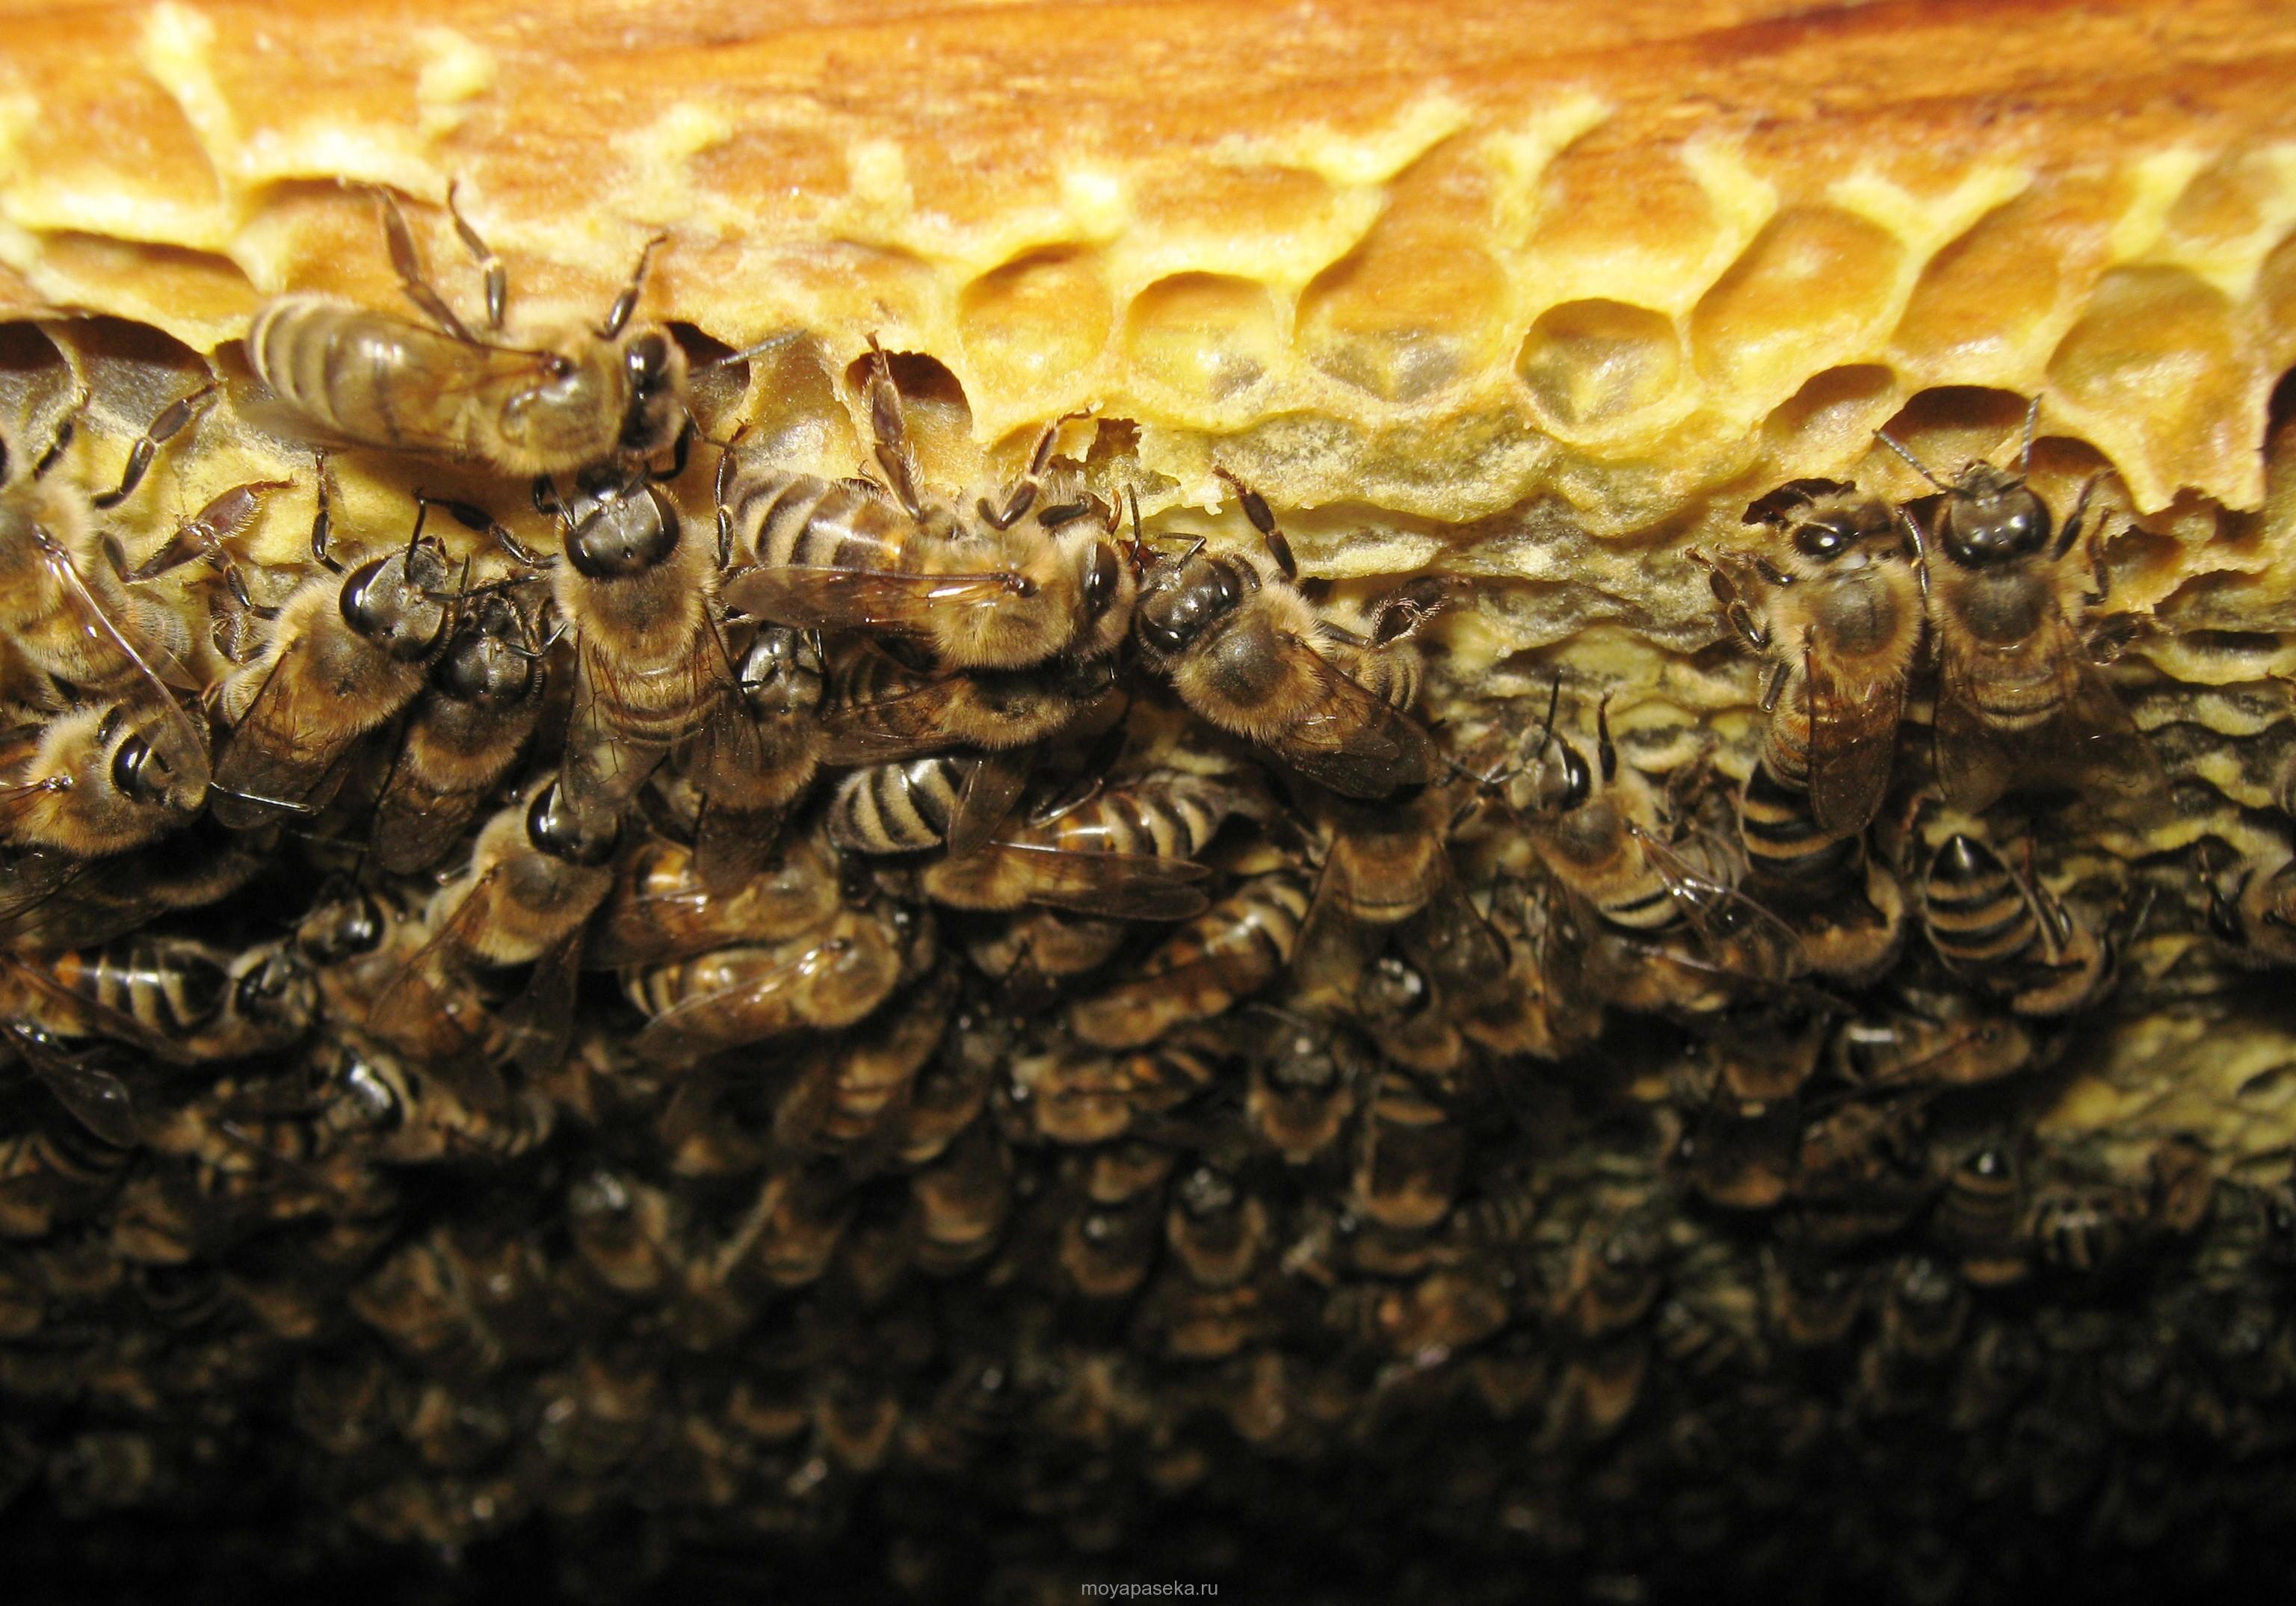 Выбраковка пчелиных семей